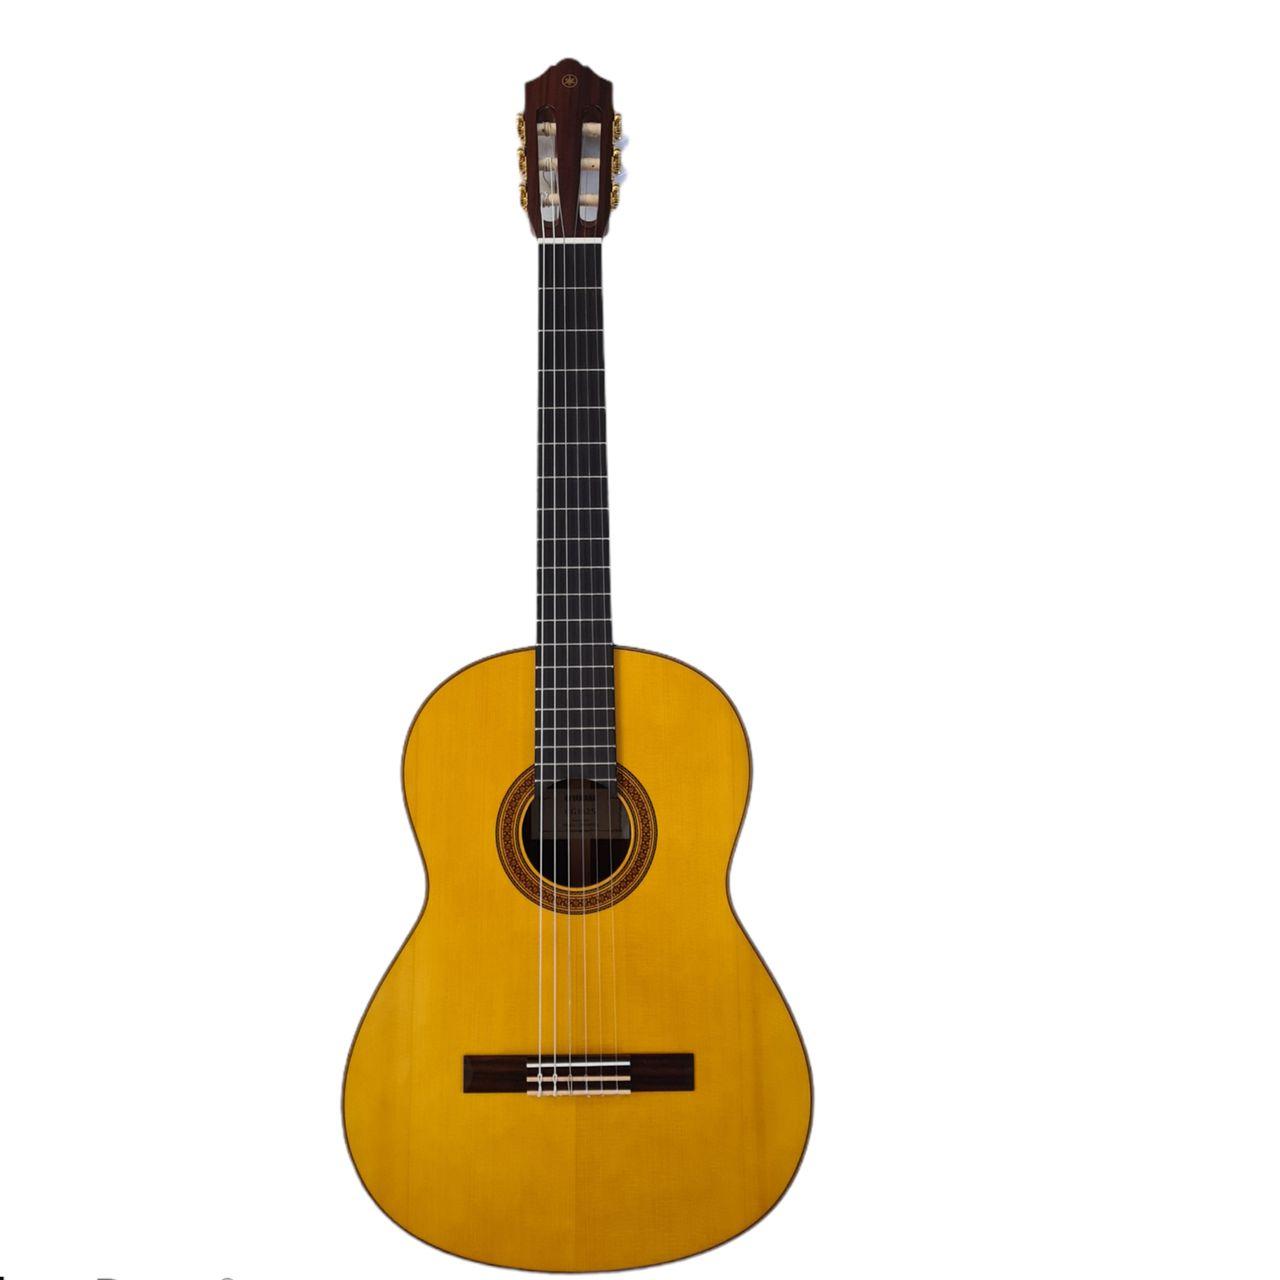 گیتار کلاسیک یاماها مدل CG182S